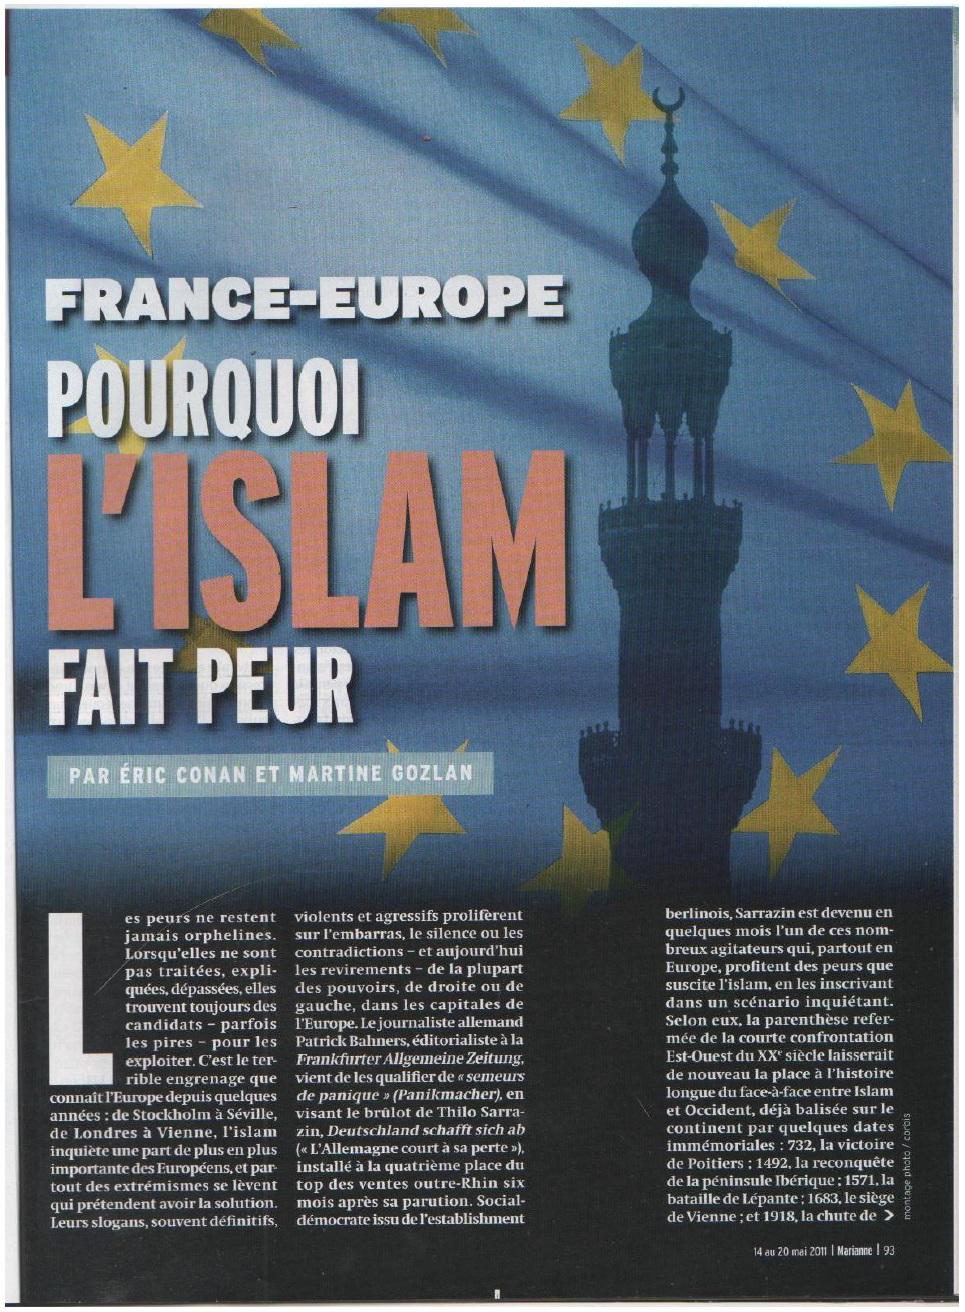 Annexe 4 Les médias, vecteurs d'une image négative et stéréotypée des musulmans mythe ou réalité 1